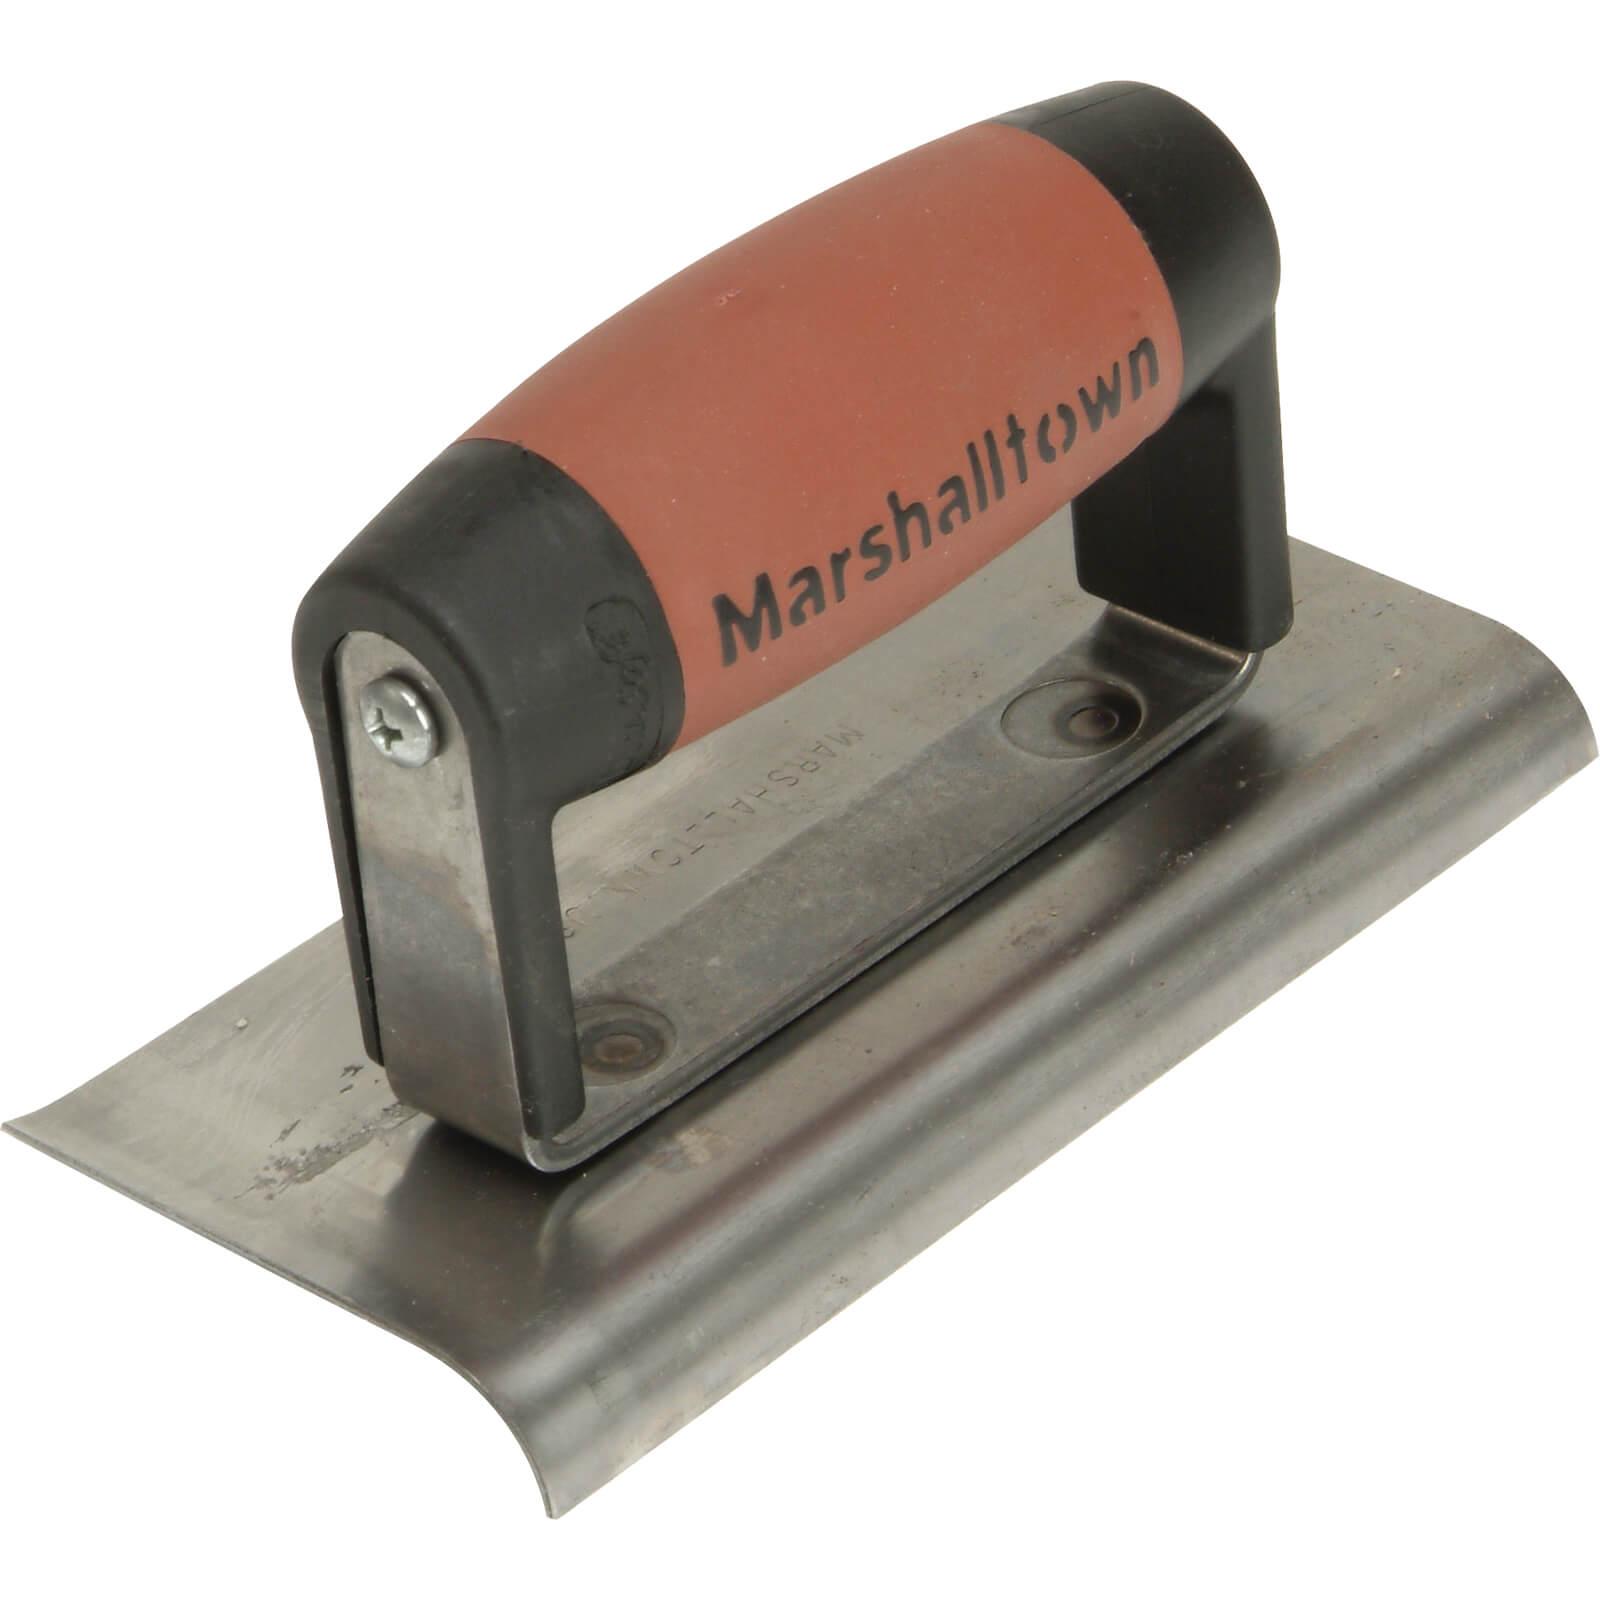 Image of Marshalltown 176D Cement Edger